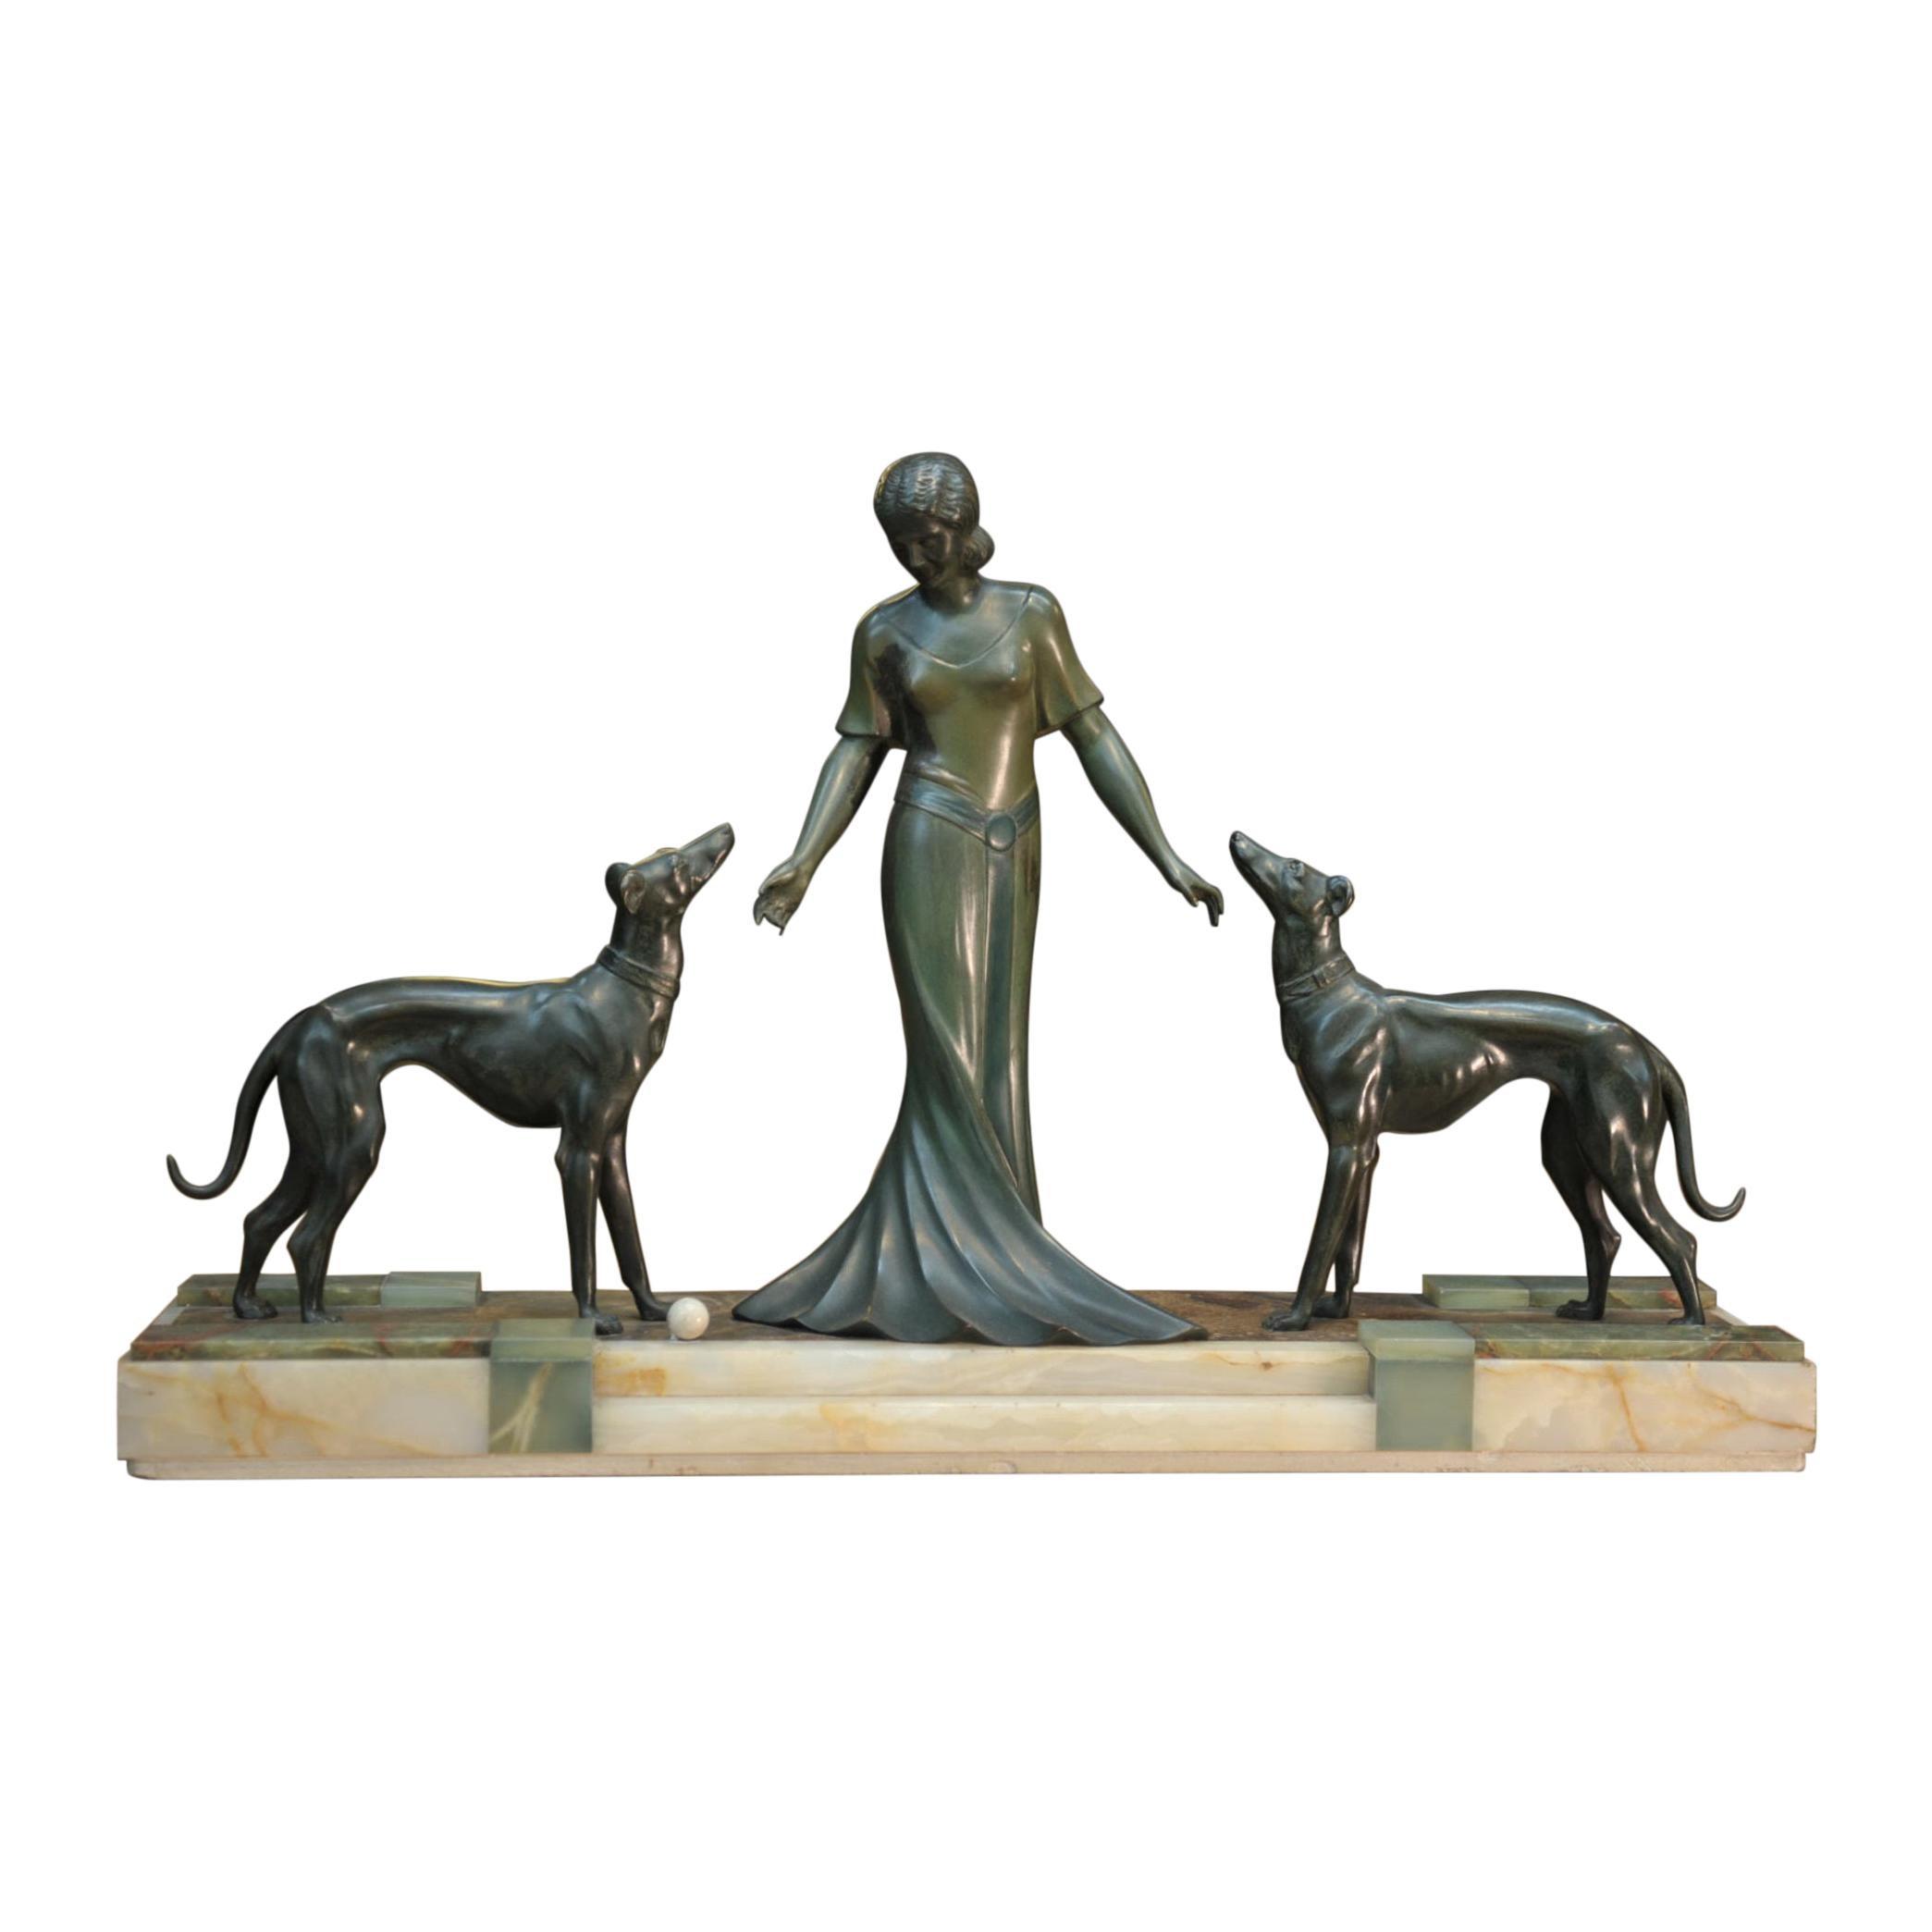 French Art Deco Bronze Statue, circa 1925